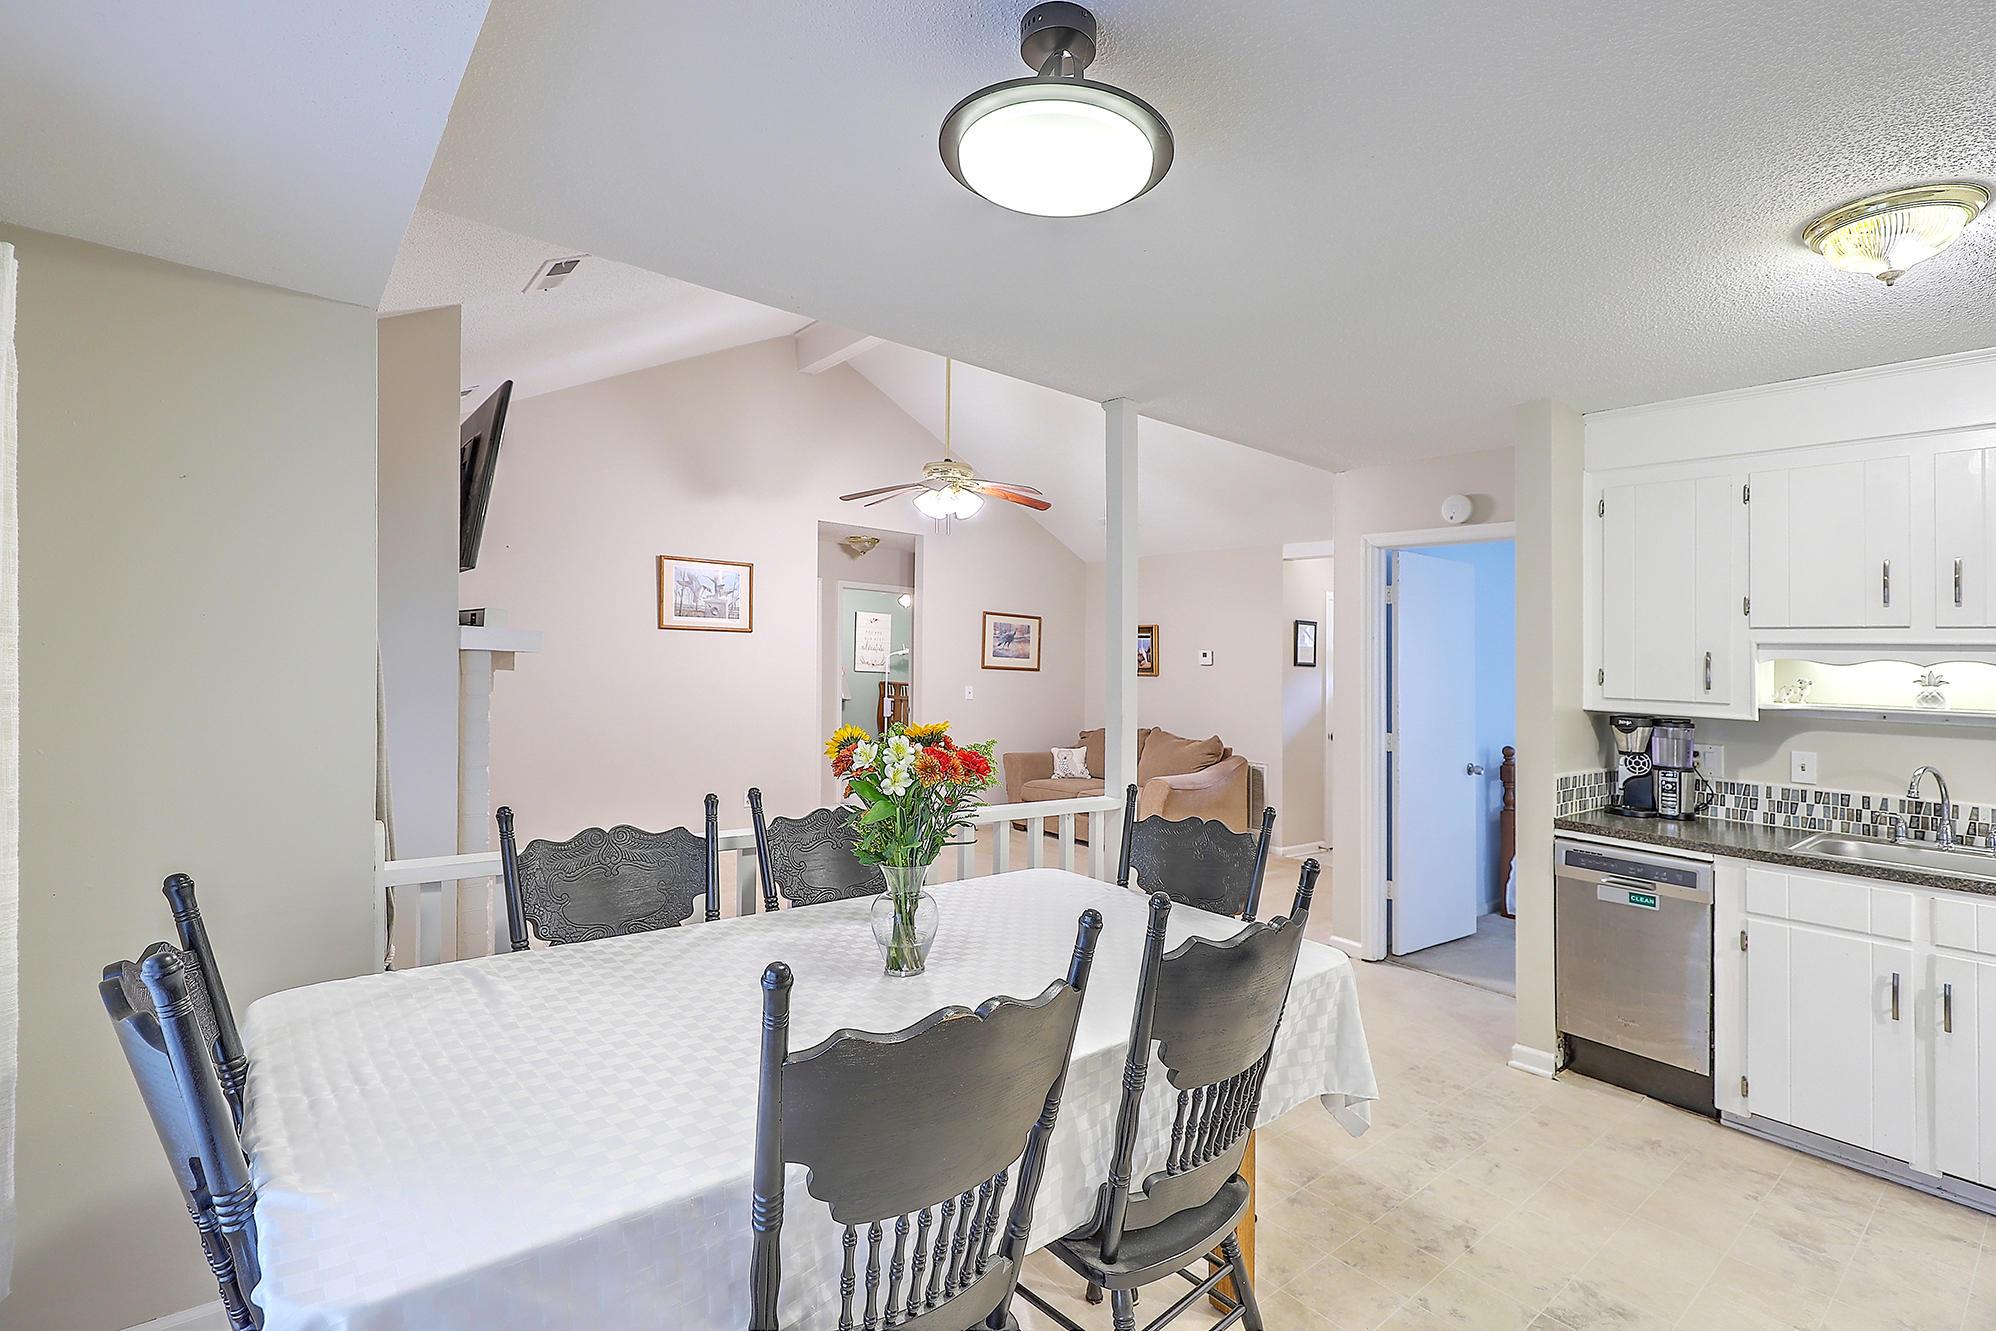 Willowbrook I Homes For Sale - 37 Delaware, Goose Creek, SC - 17